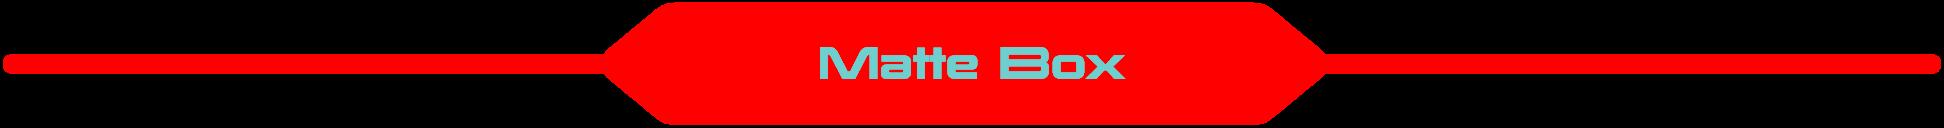 Matte Box